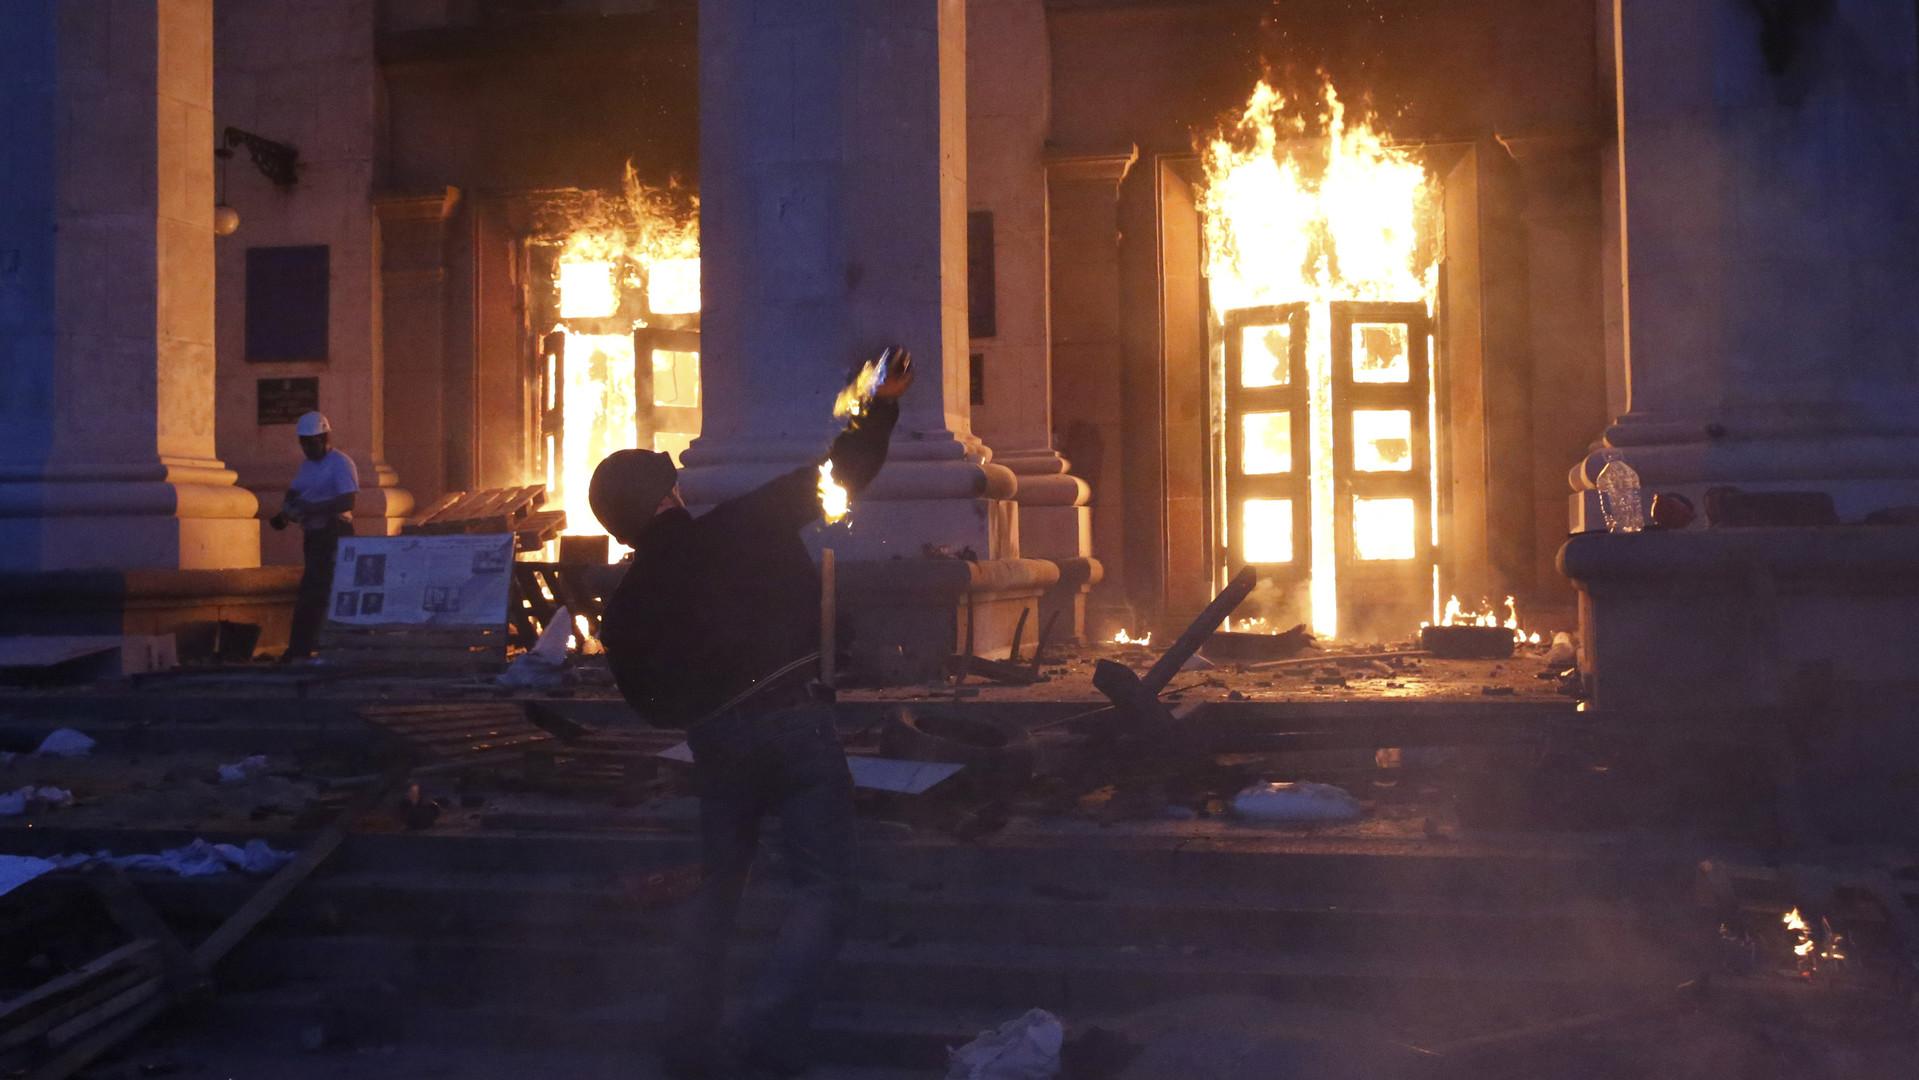 Moscou : Kiev ne prend pas de mesures concrètes pour enquêter sur le massacre d'Odessa